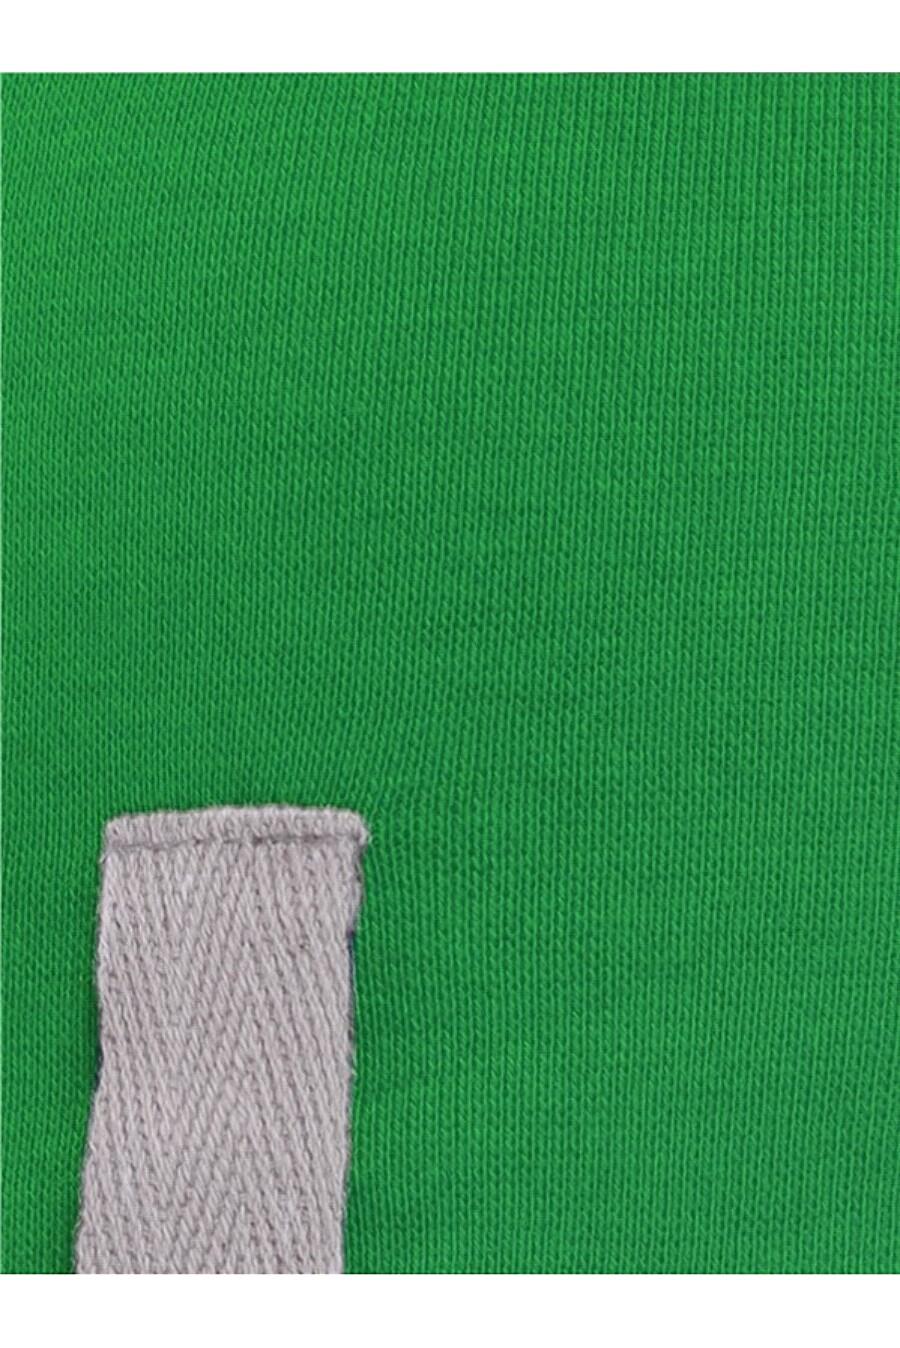 Шапка для мальчиков Archi 288453 купить оптом от производителя. Совместная покупка детской одежды в OptMoyo